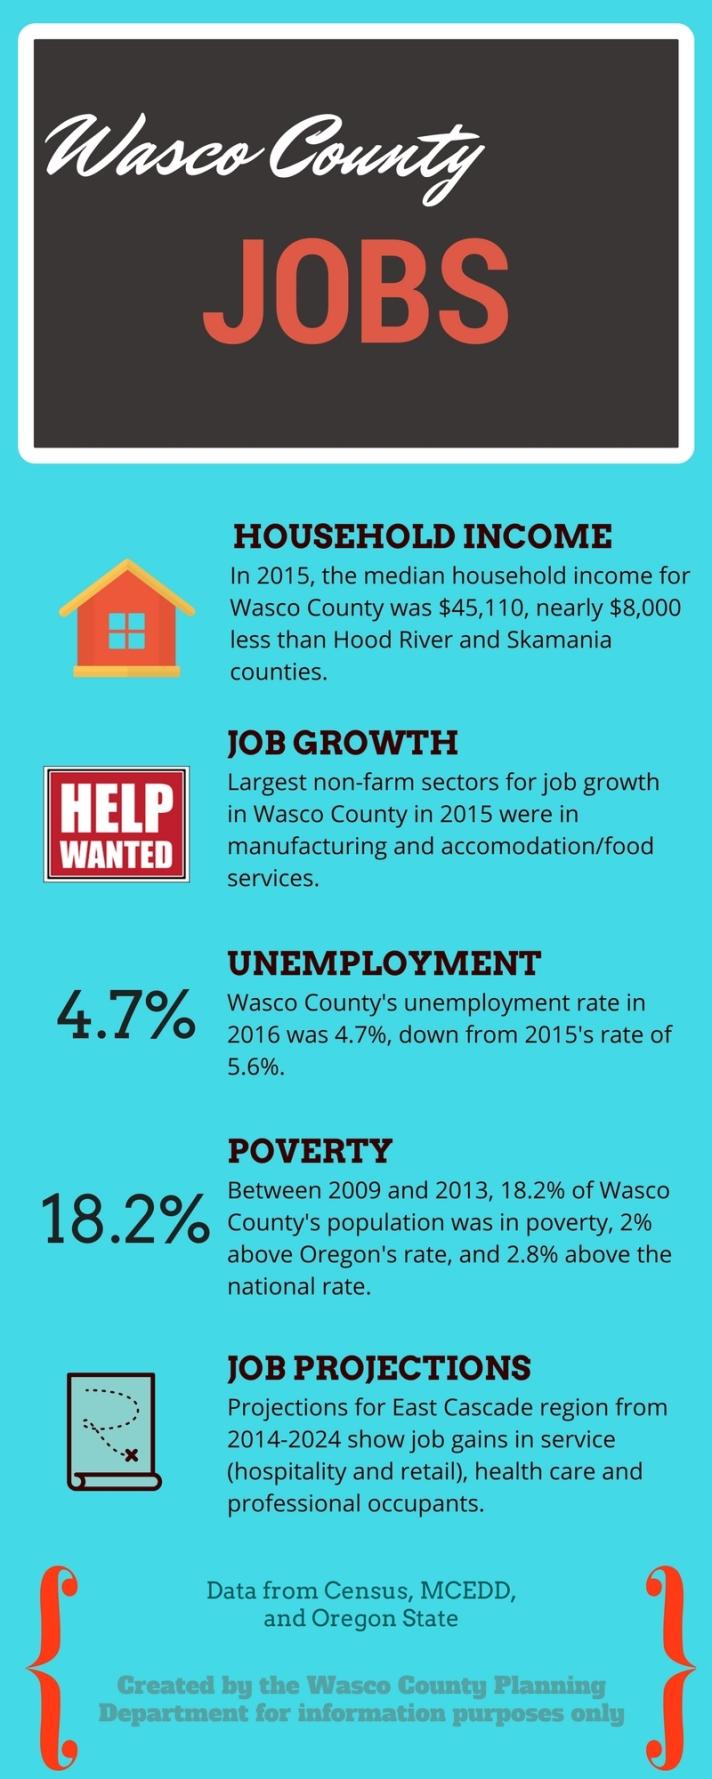 Wasco County Jobs